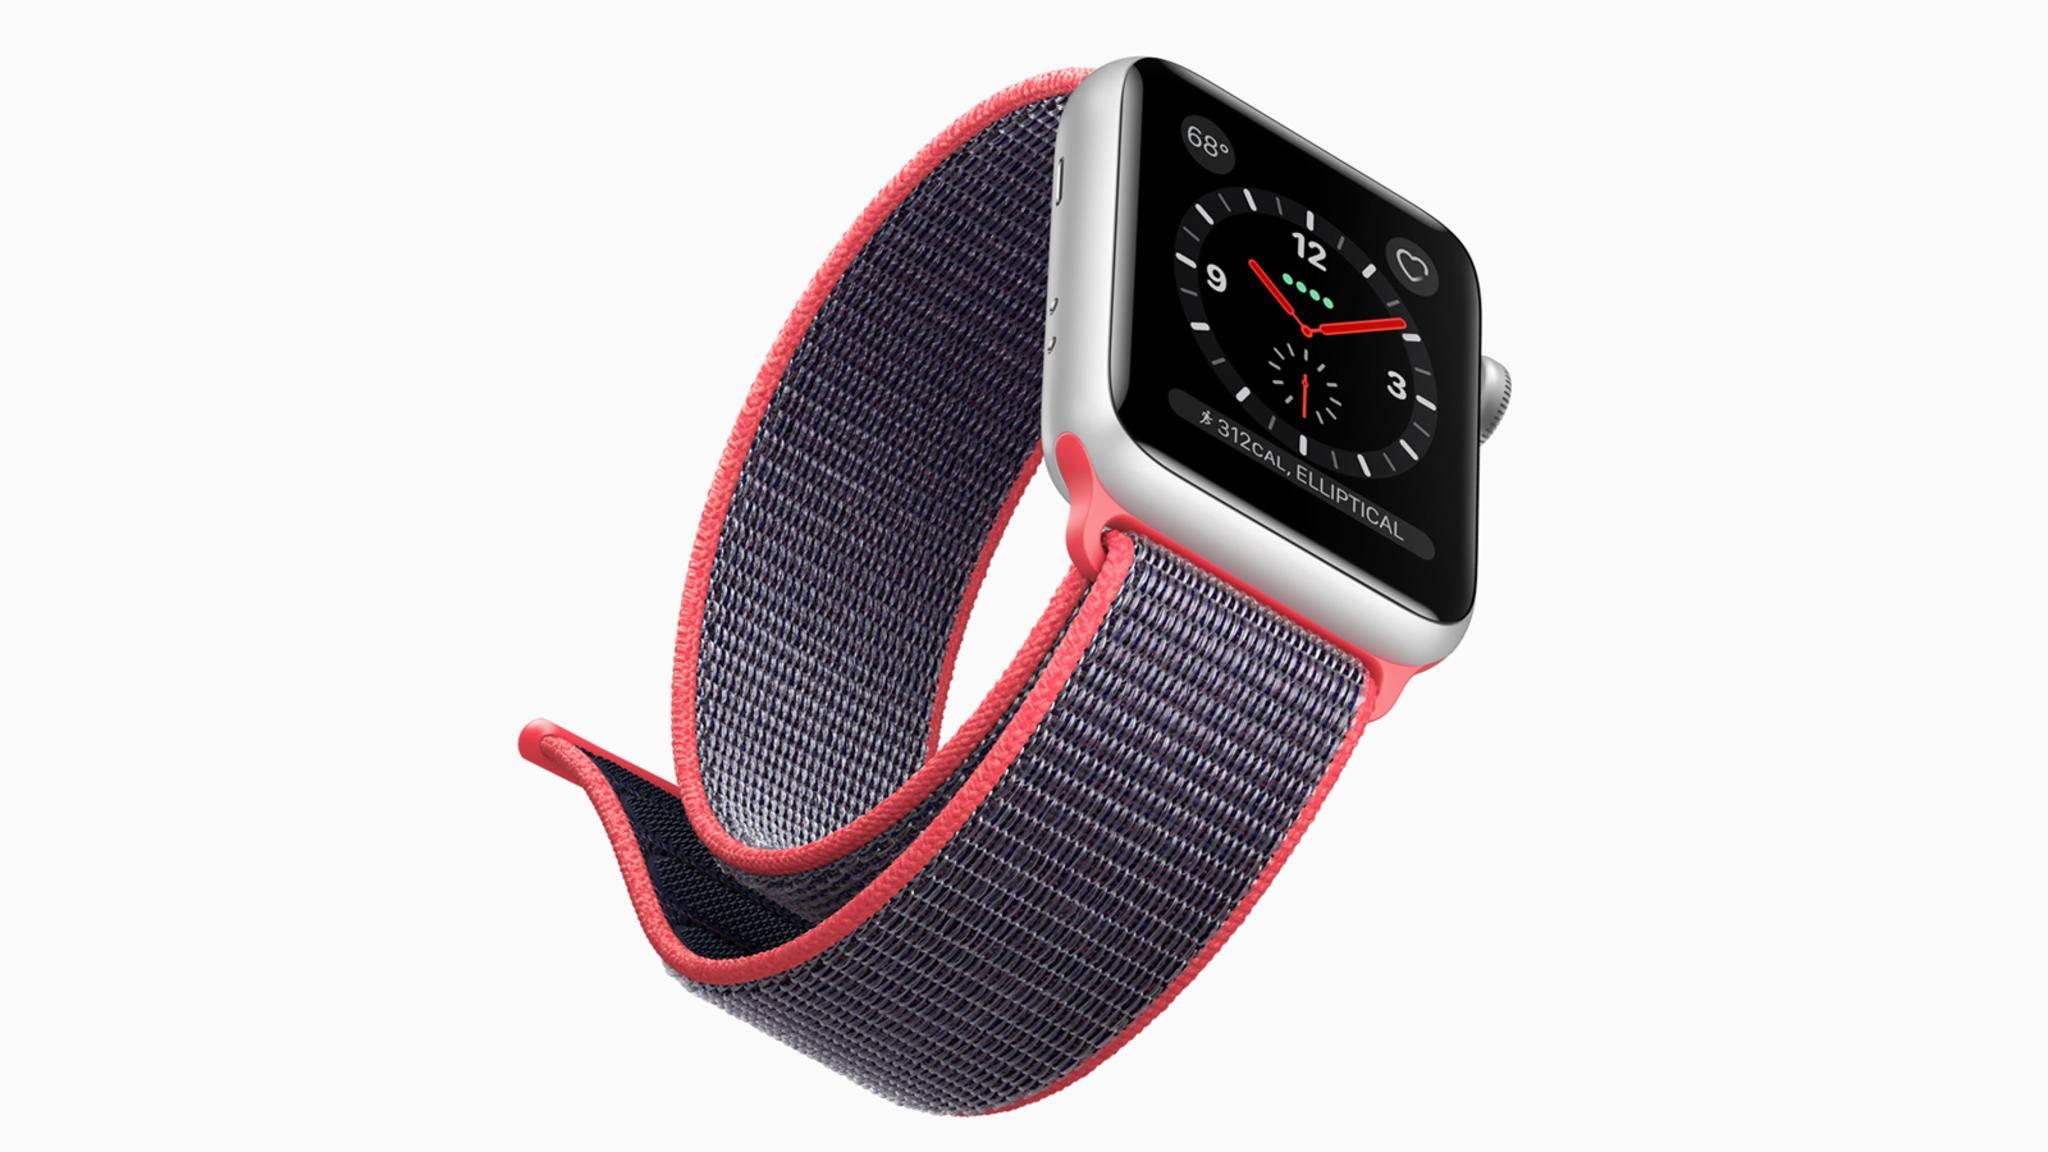 Künftig kann die Apple Watch auch Waschmaschine und Co. steuern.